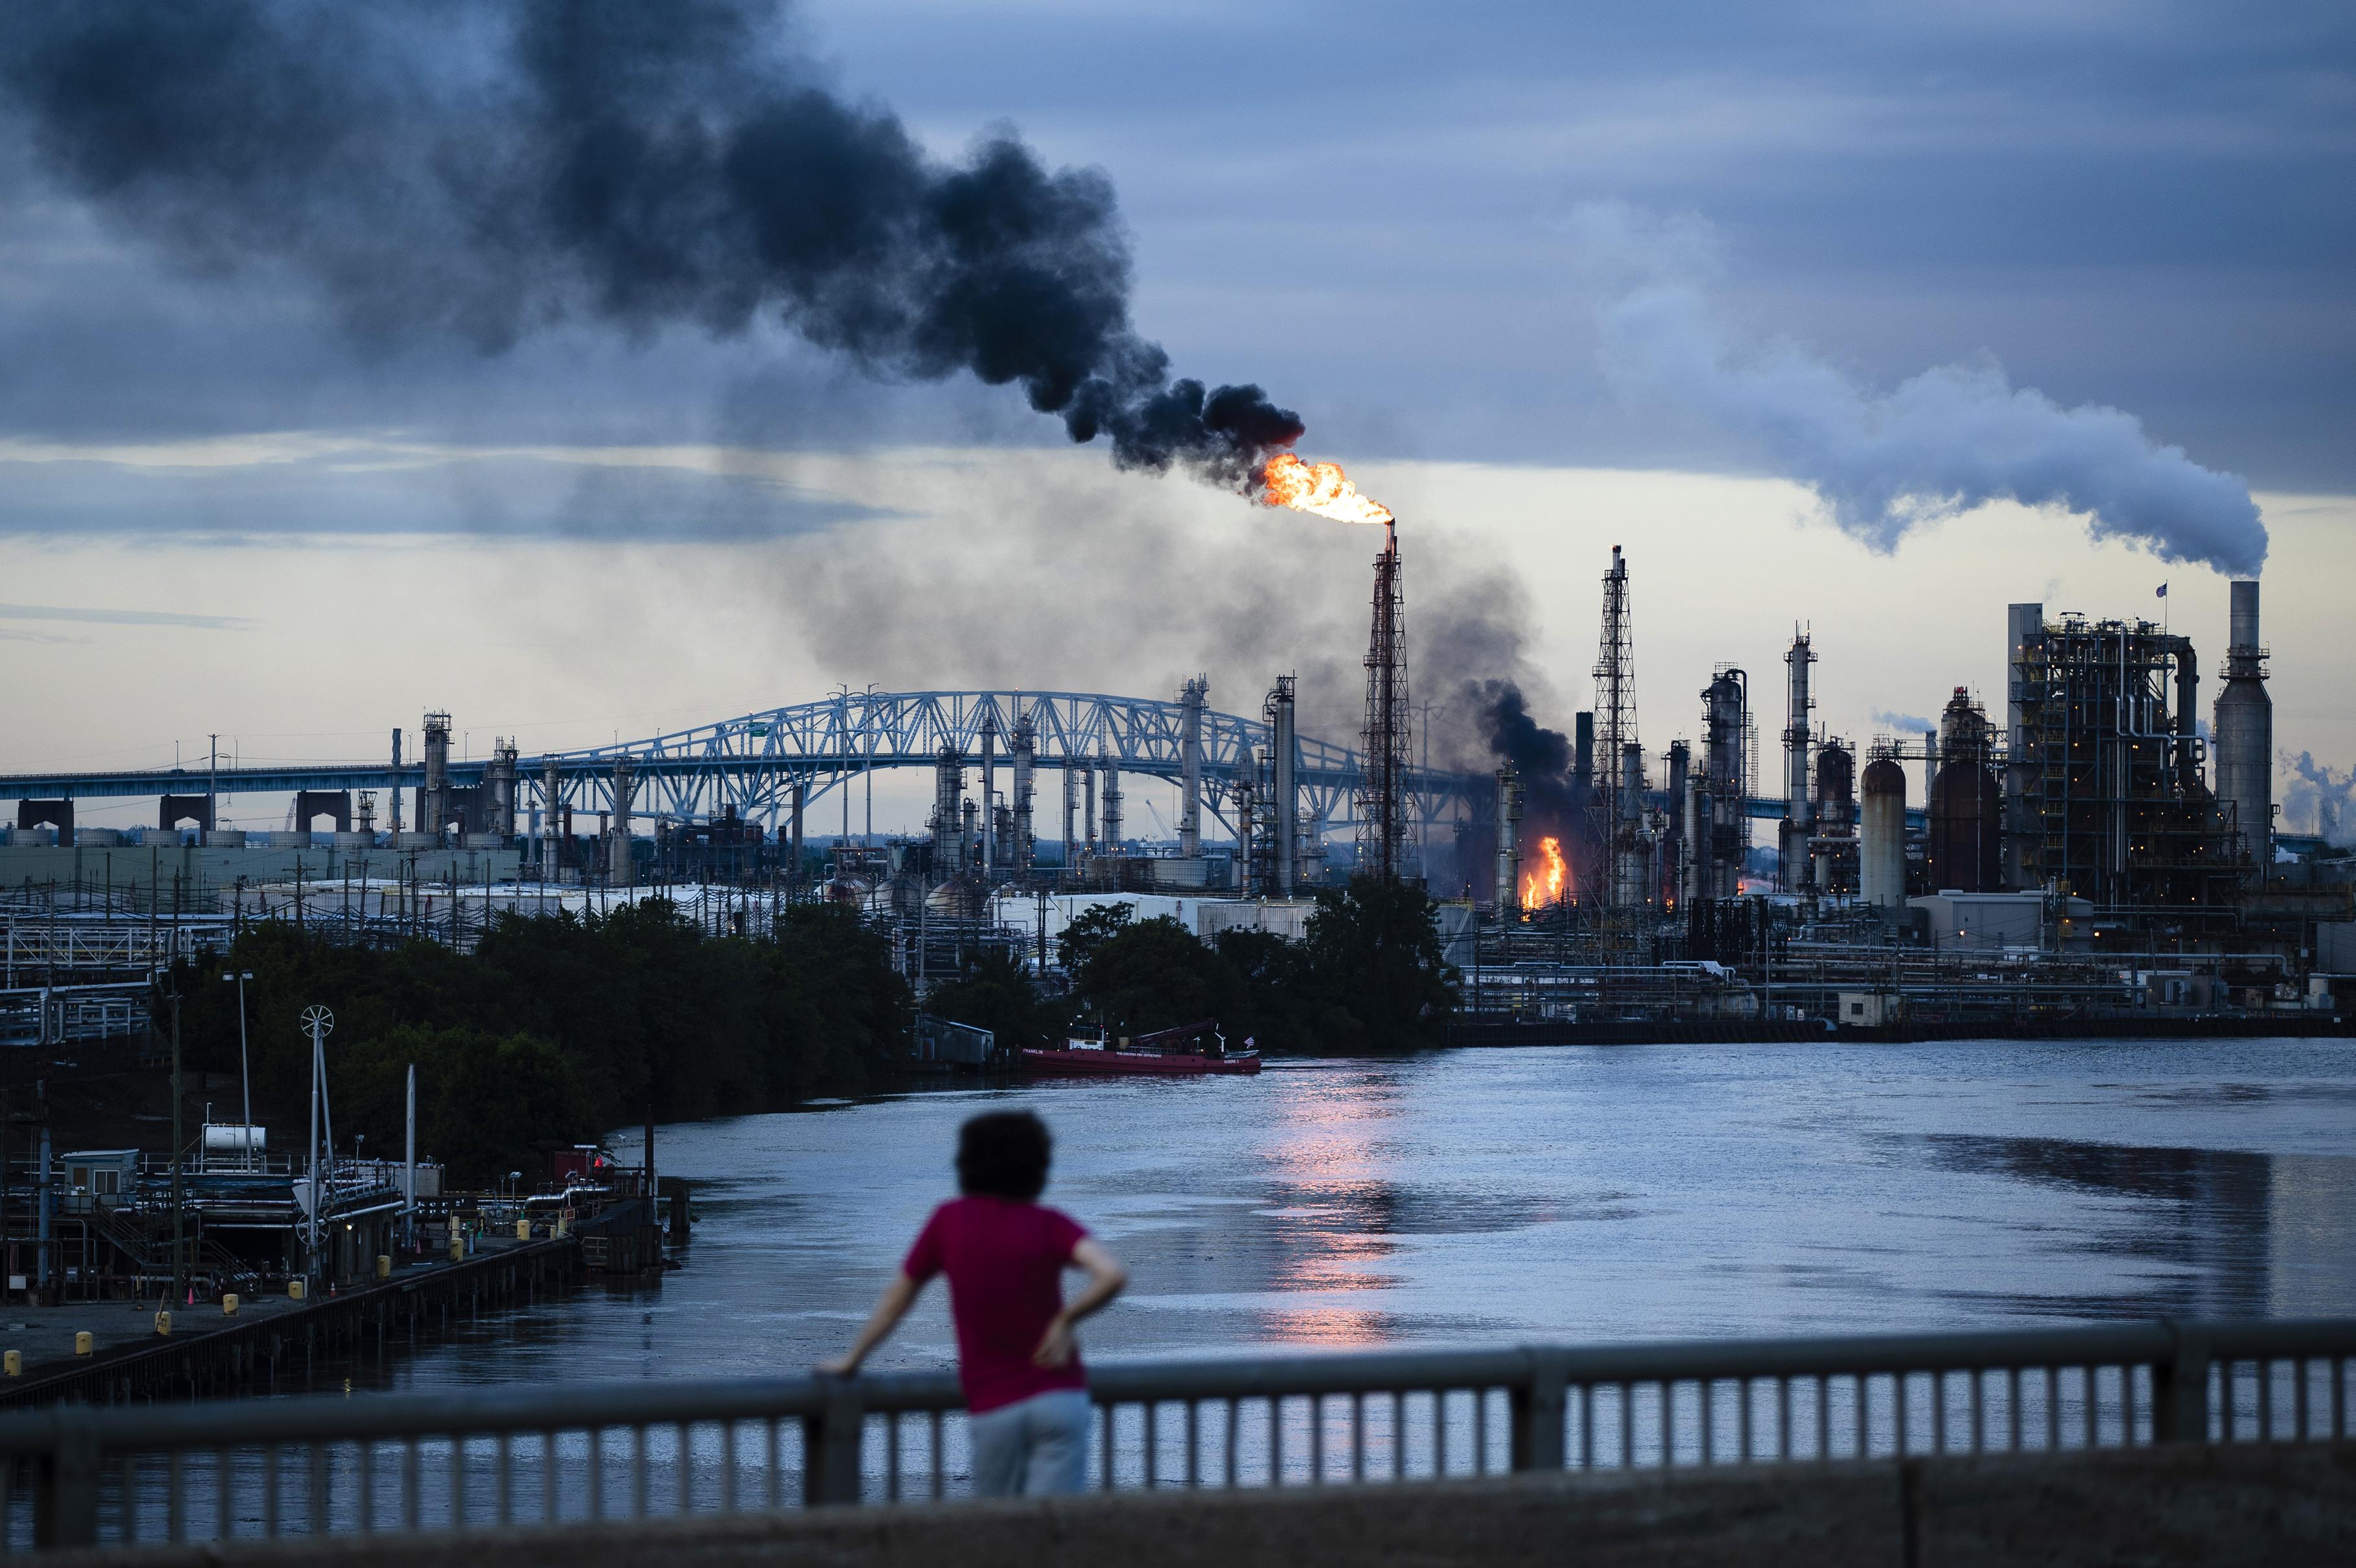 Oil refinery on fire